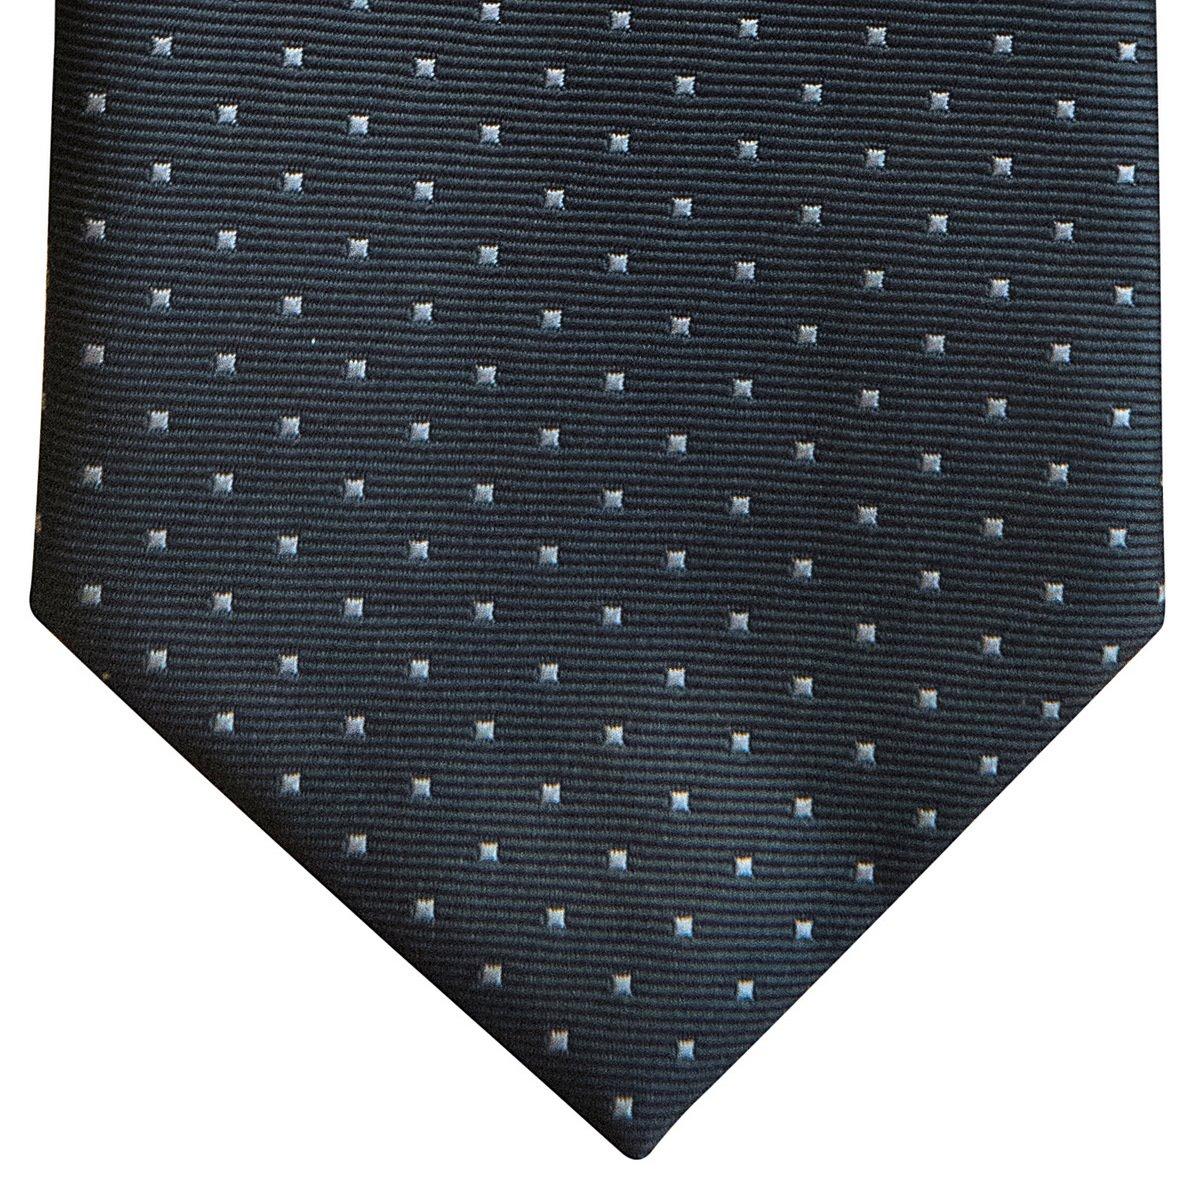 /10/anni/ /8/ Retreez pin puntini in tessuto microfibra cravatta da bambino/ /vari colori